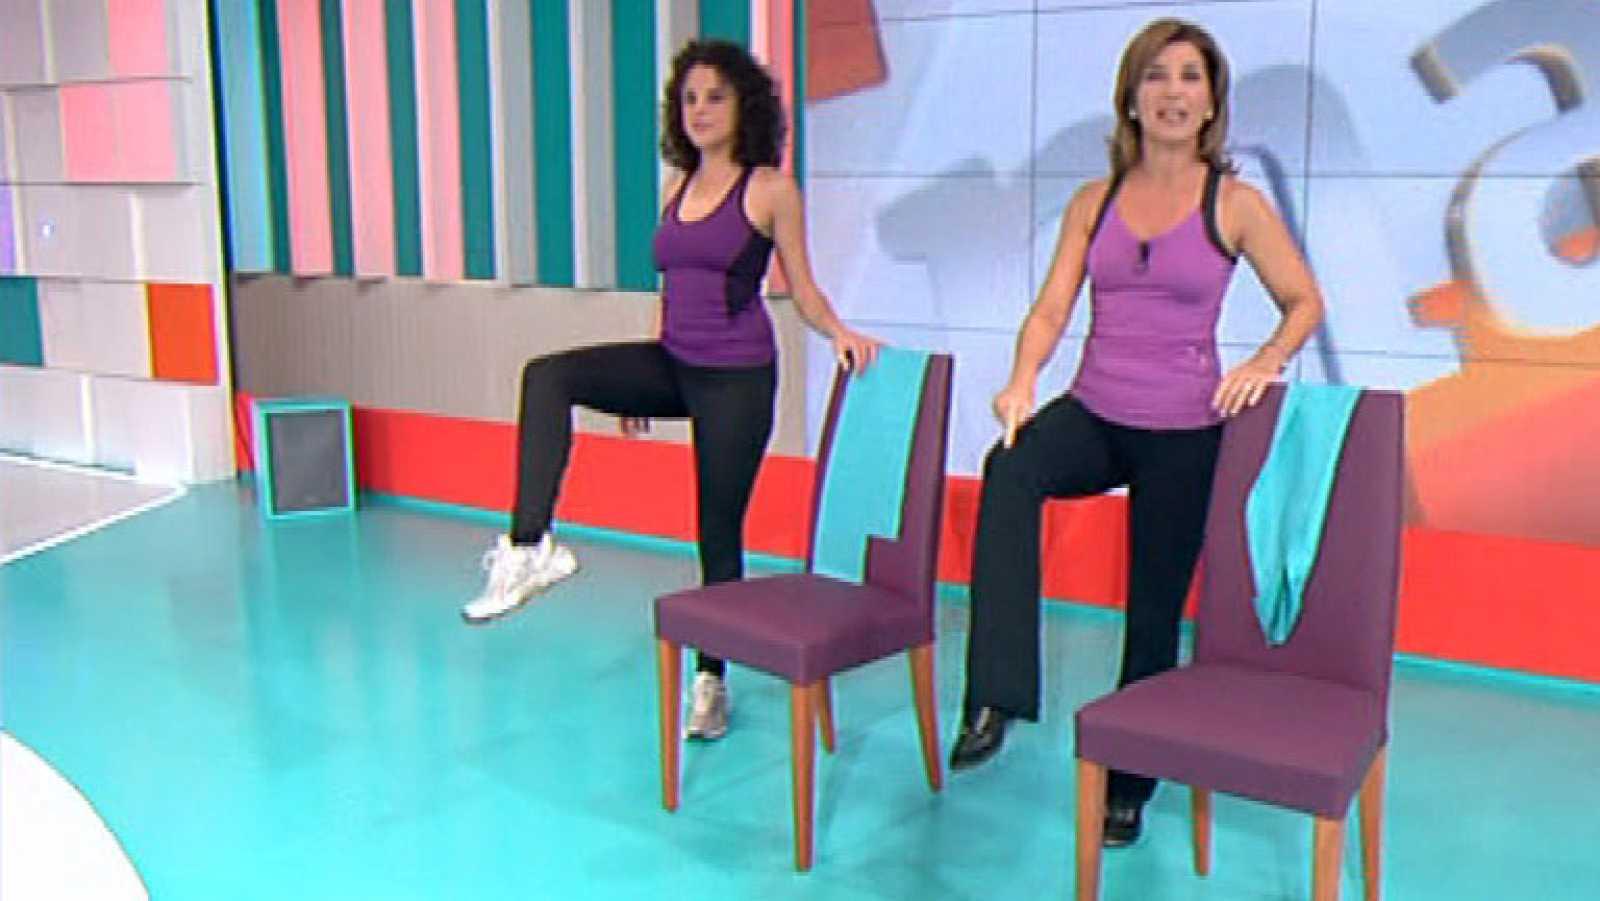 La mañana - En forma  Ejercicios para relajar la espalda - RTVE.es 6c83a4ab6b1a